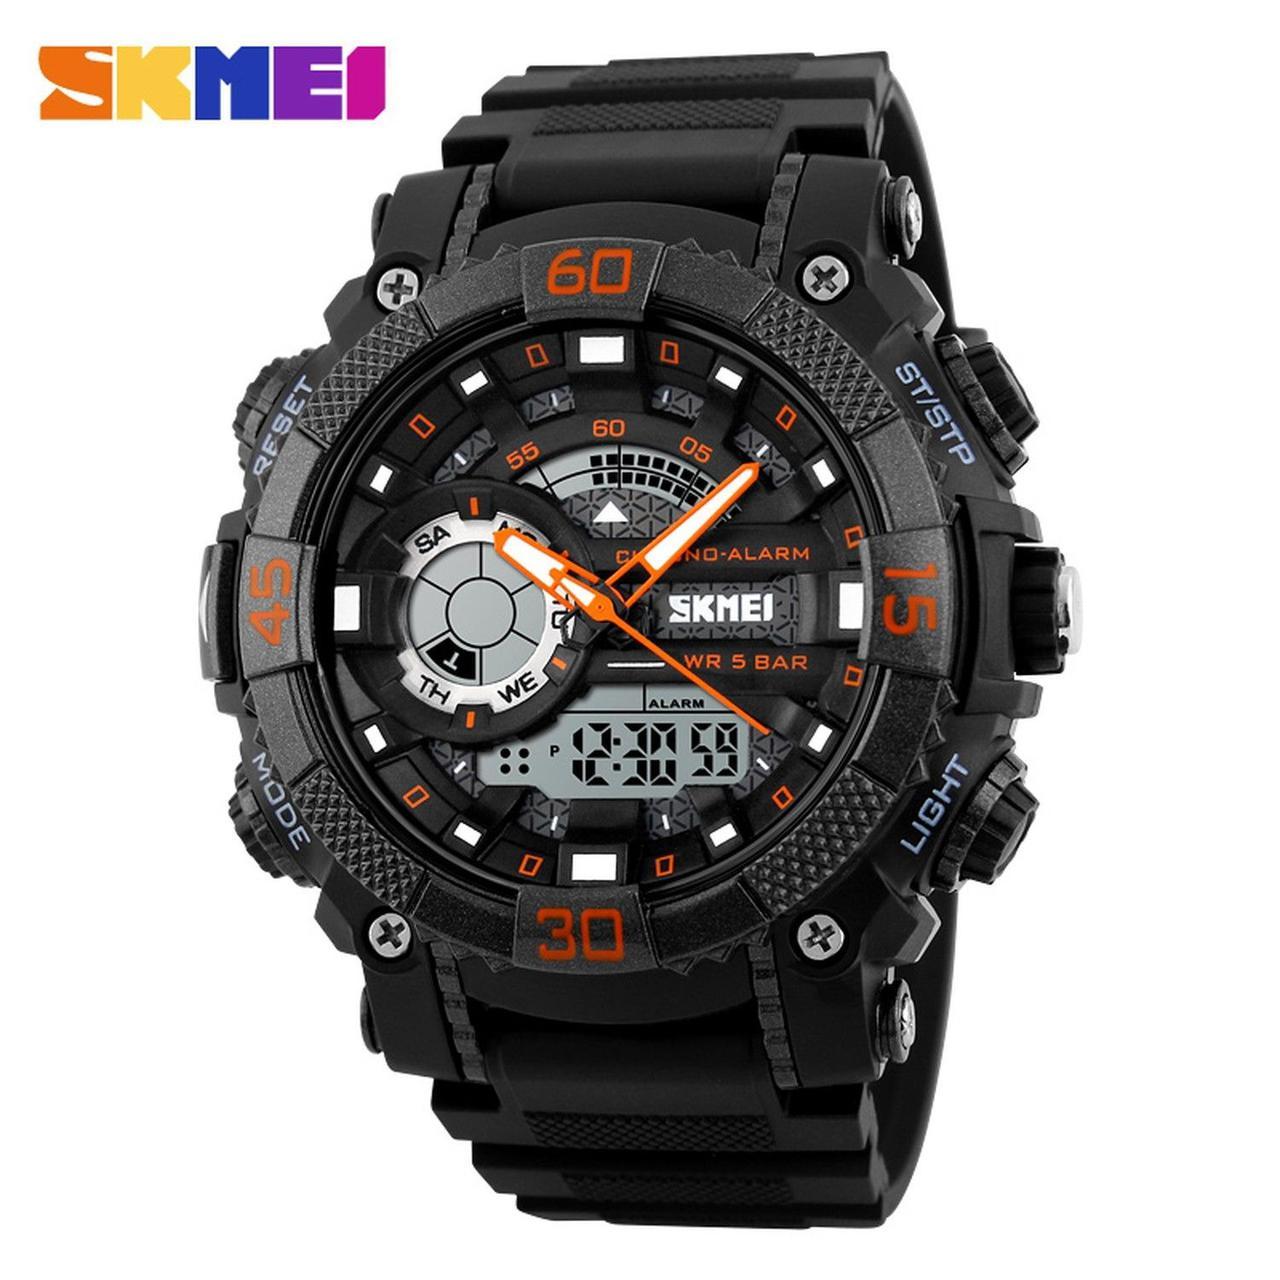 Часы Skmei 1228   Спортивные   Оригинал   Скмей   Одесса   Украина -